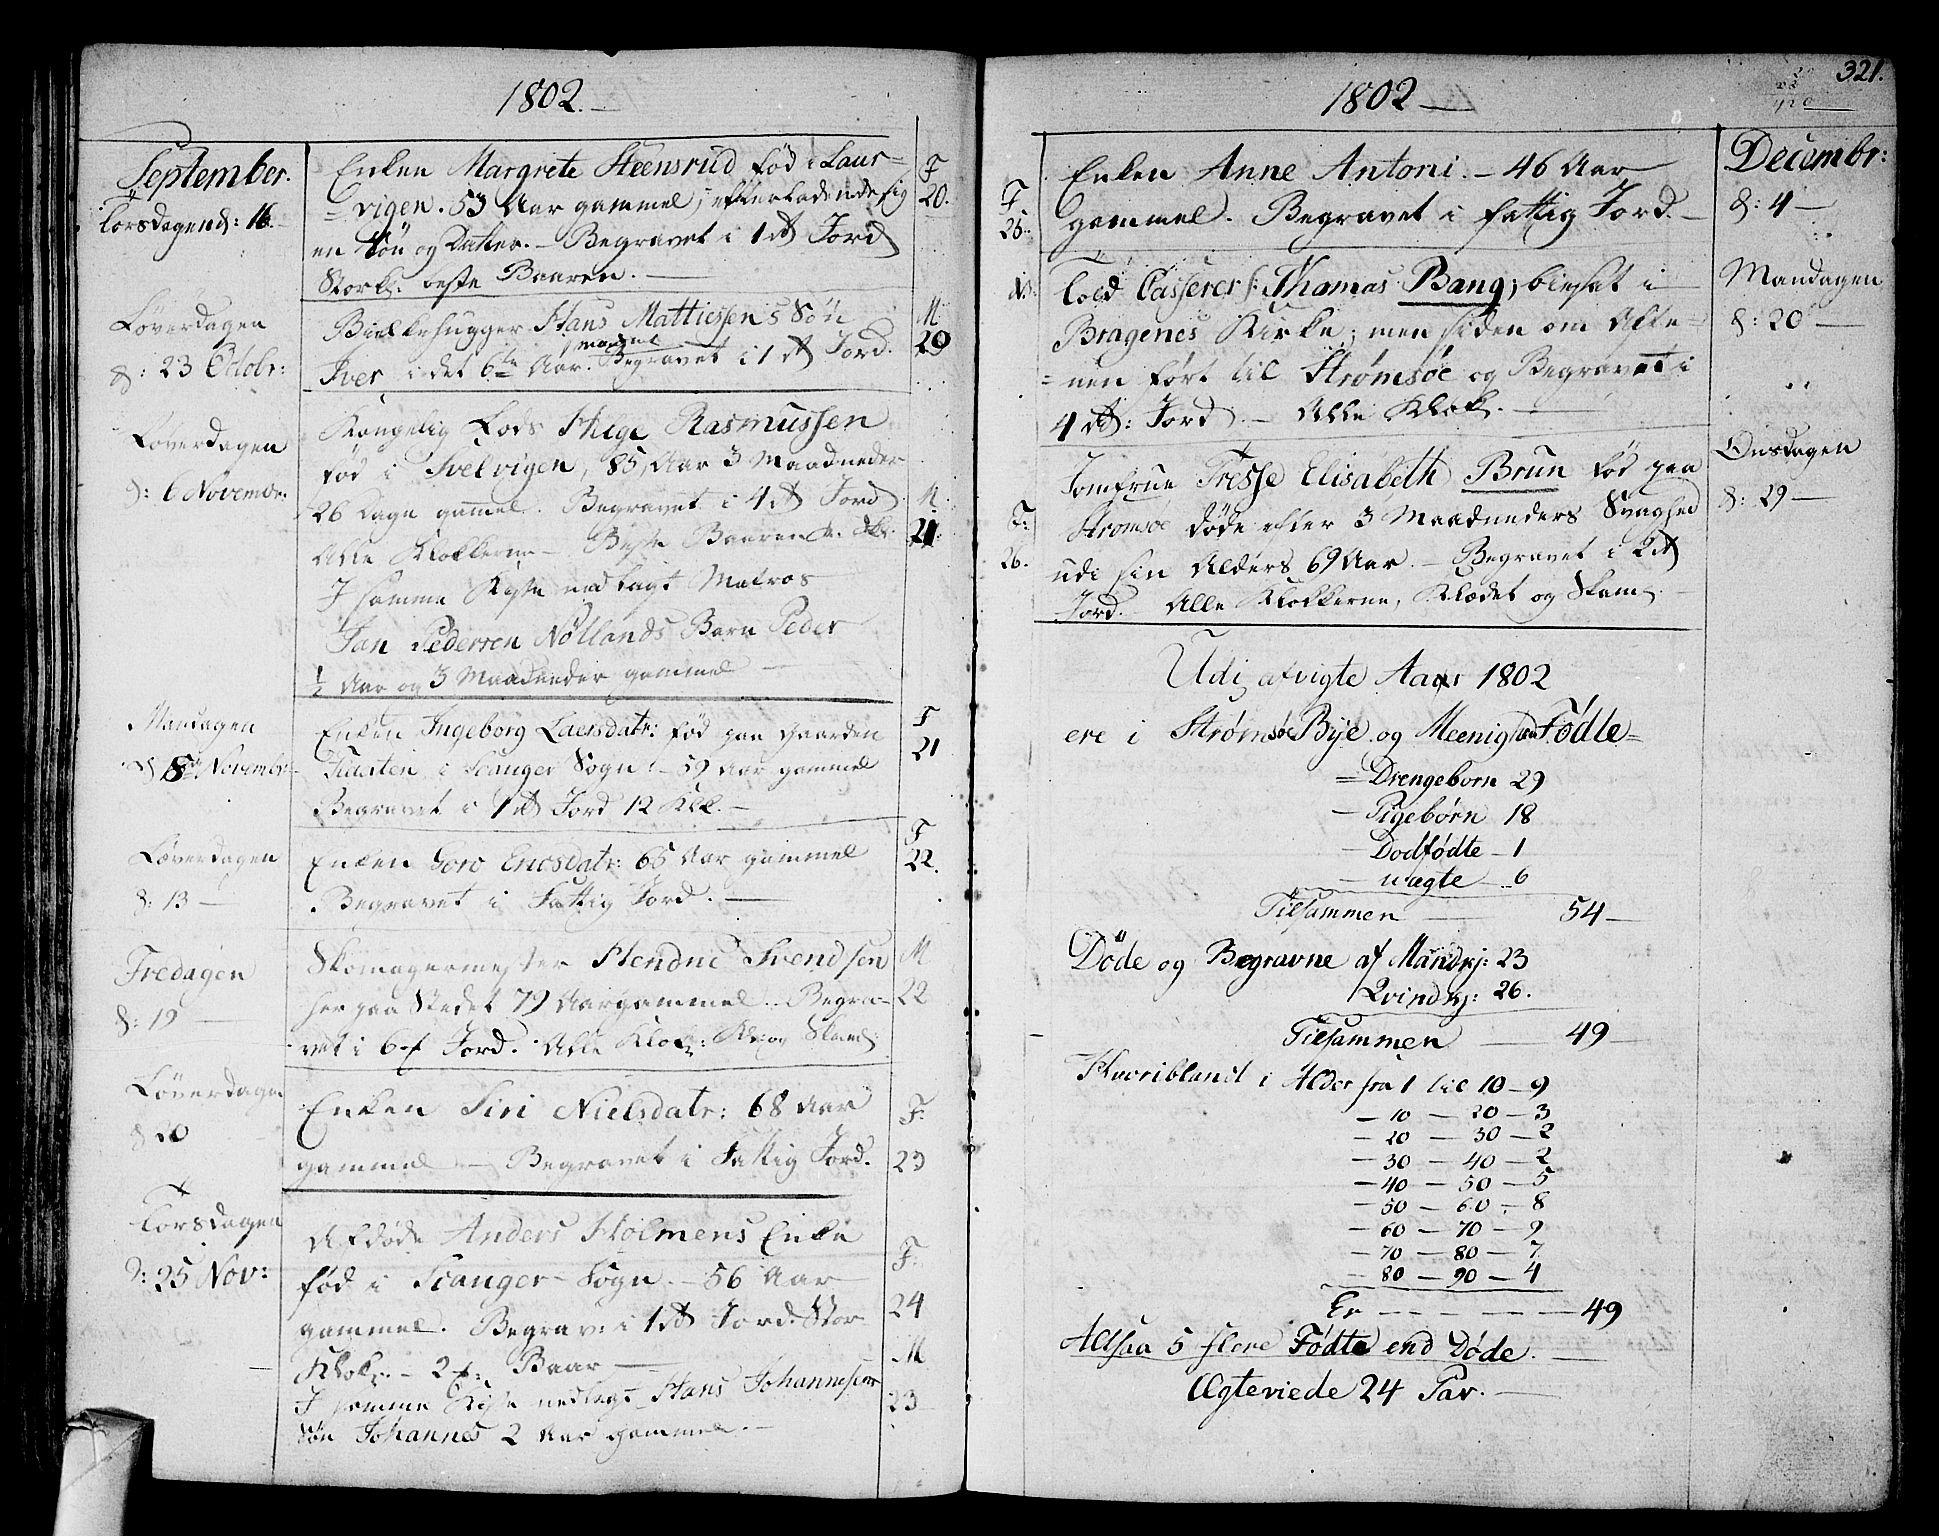 SAKO, Strømsø kirkebøker, F/Fa/L0010: Ministerialbok nr. I 10, 1792-1822, s. 321